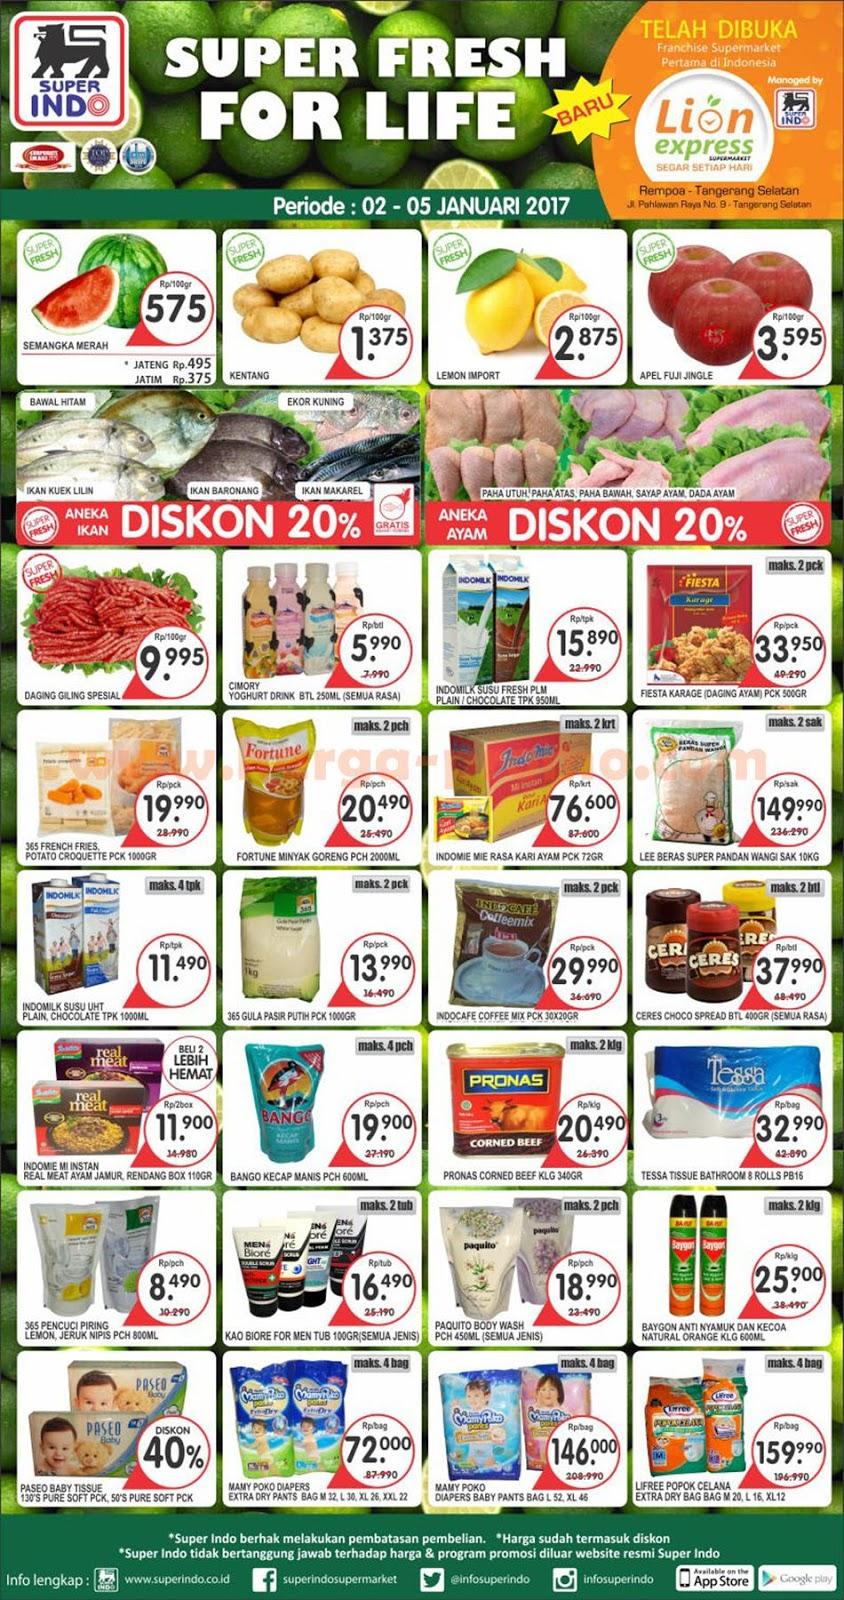 Katalog Promo SUPER INDO Terbaru Weekday Periode 02 - 05 Januari 2017